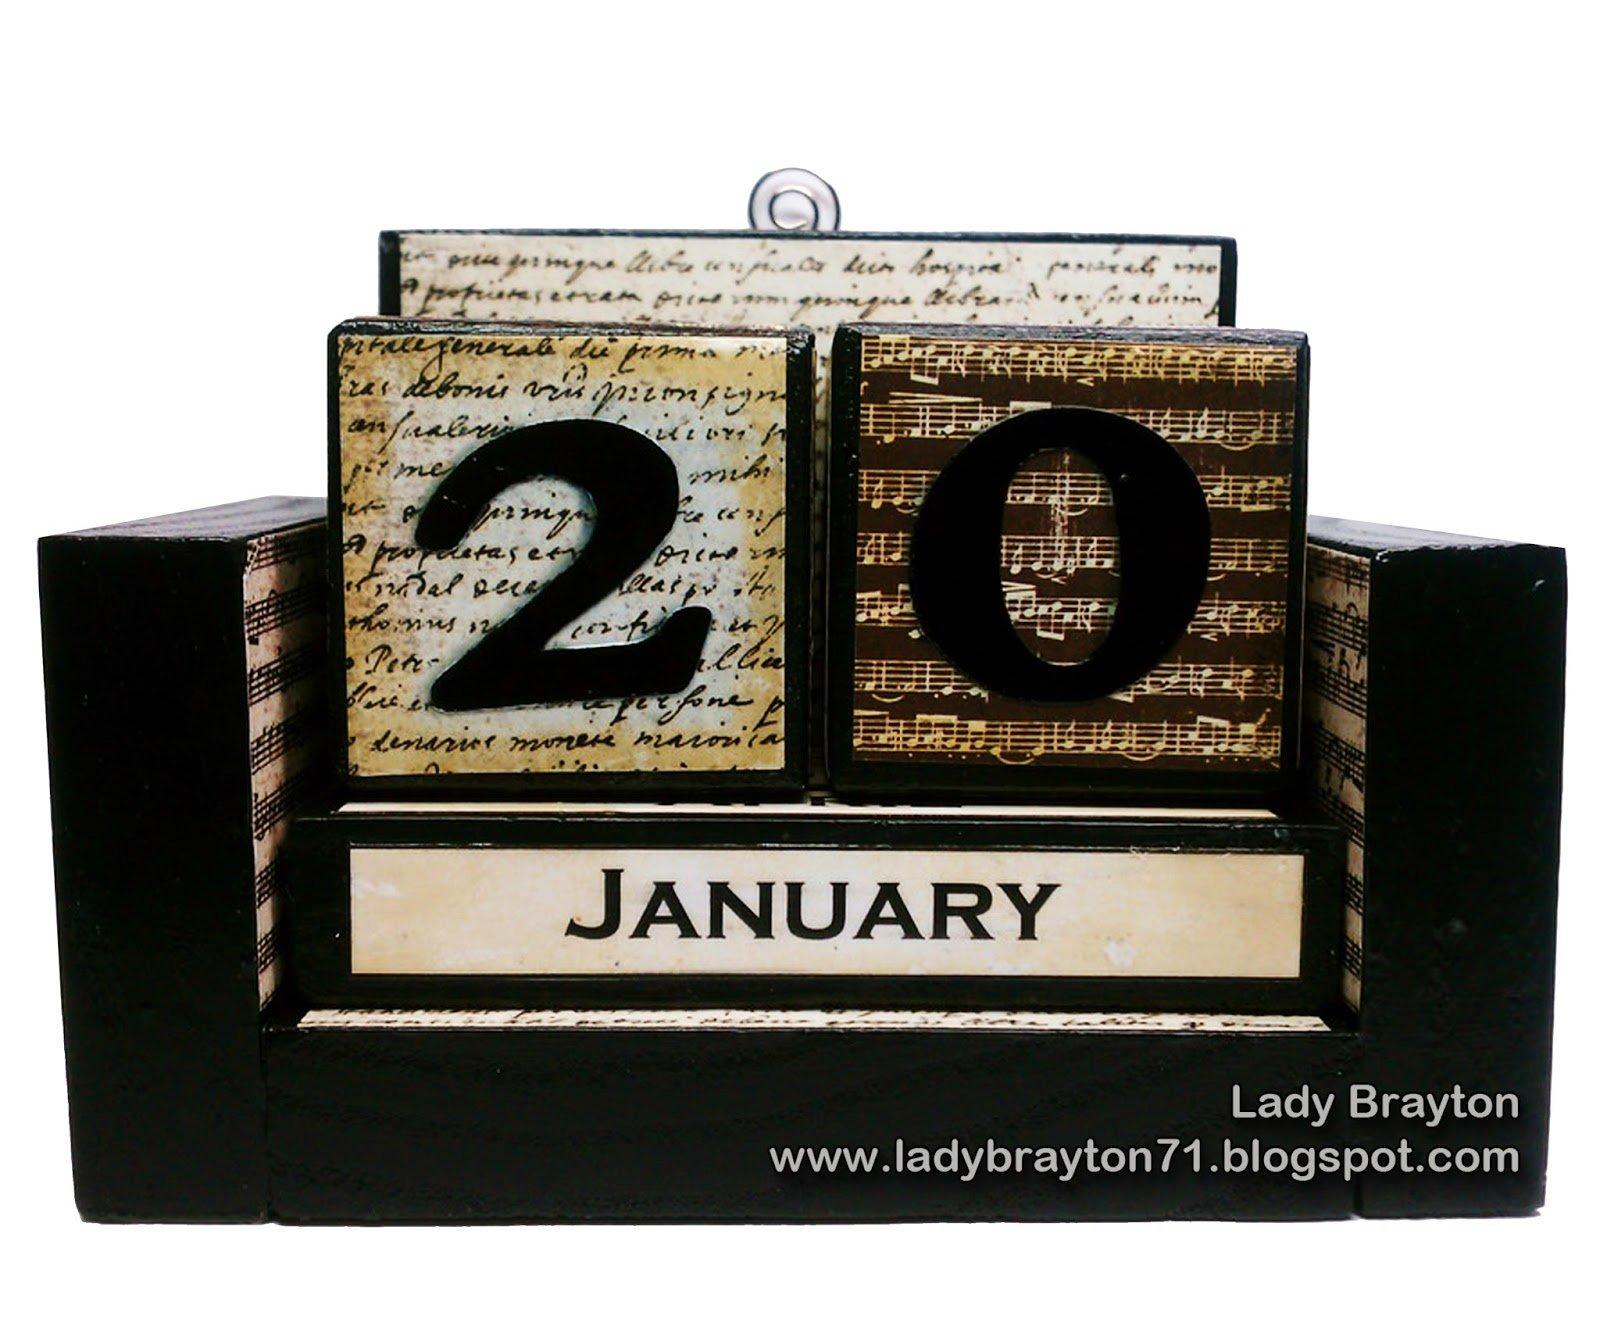 How To Make A Wooden Block Perpetual Calendar 3 Month Wooden Calendar Frame